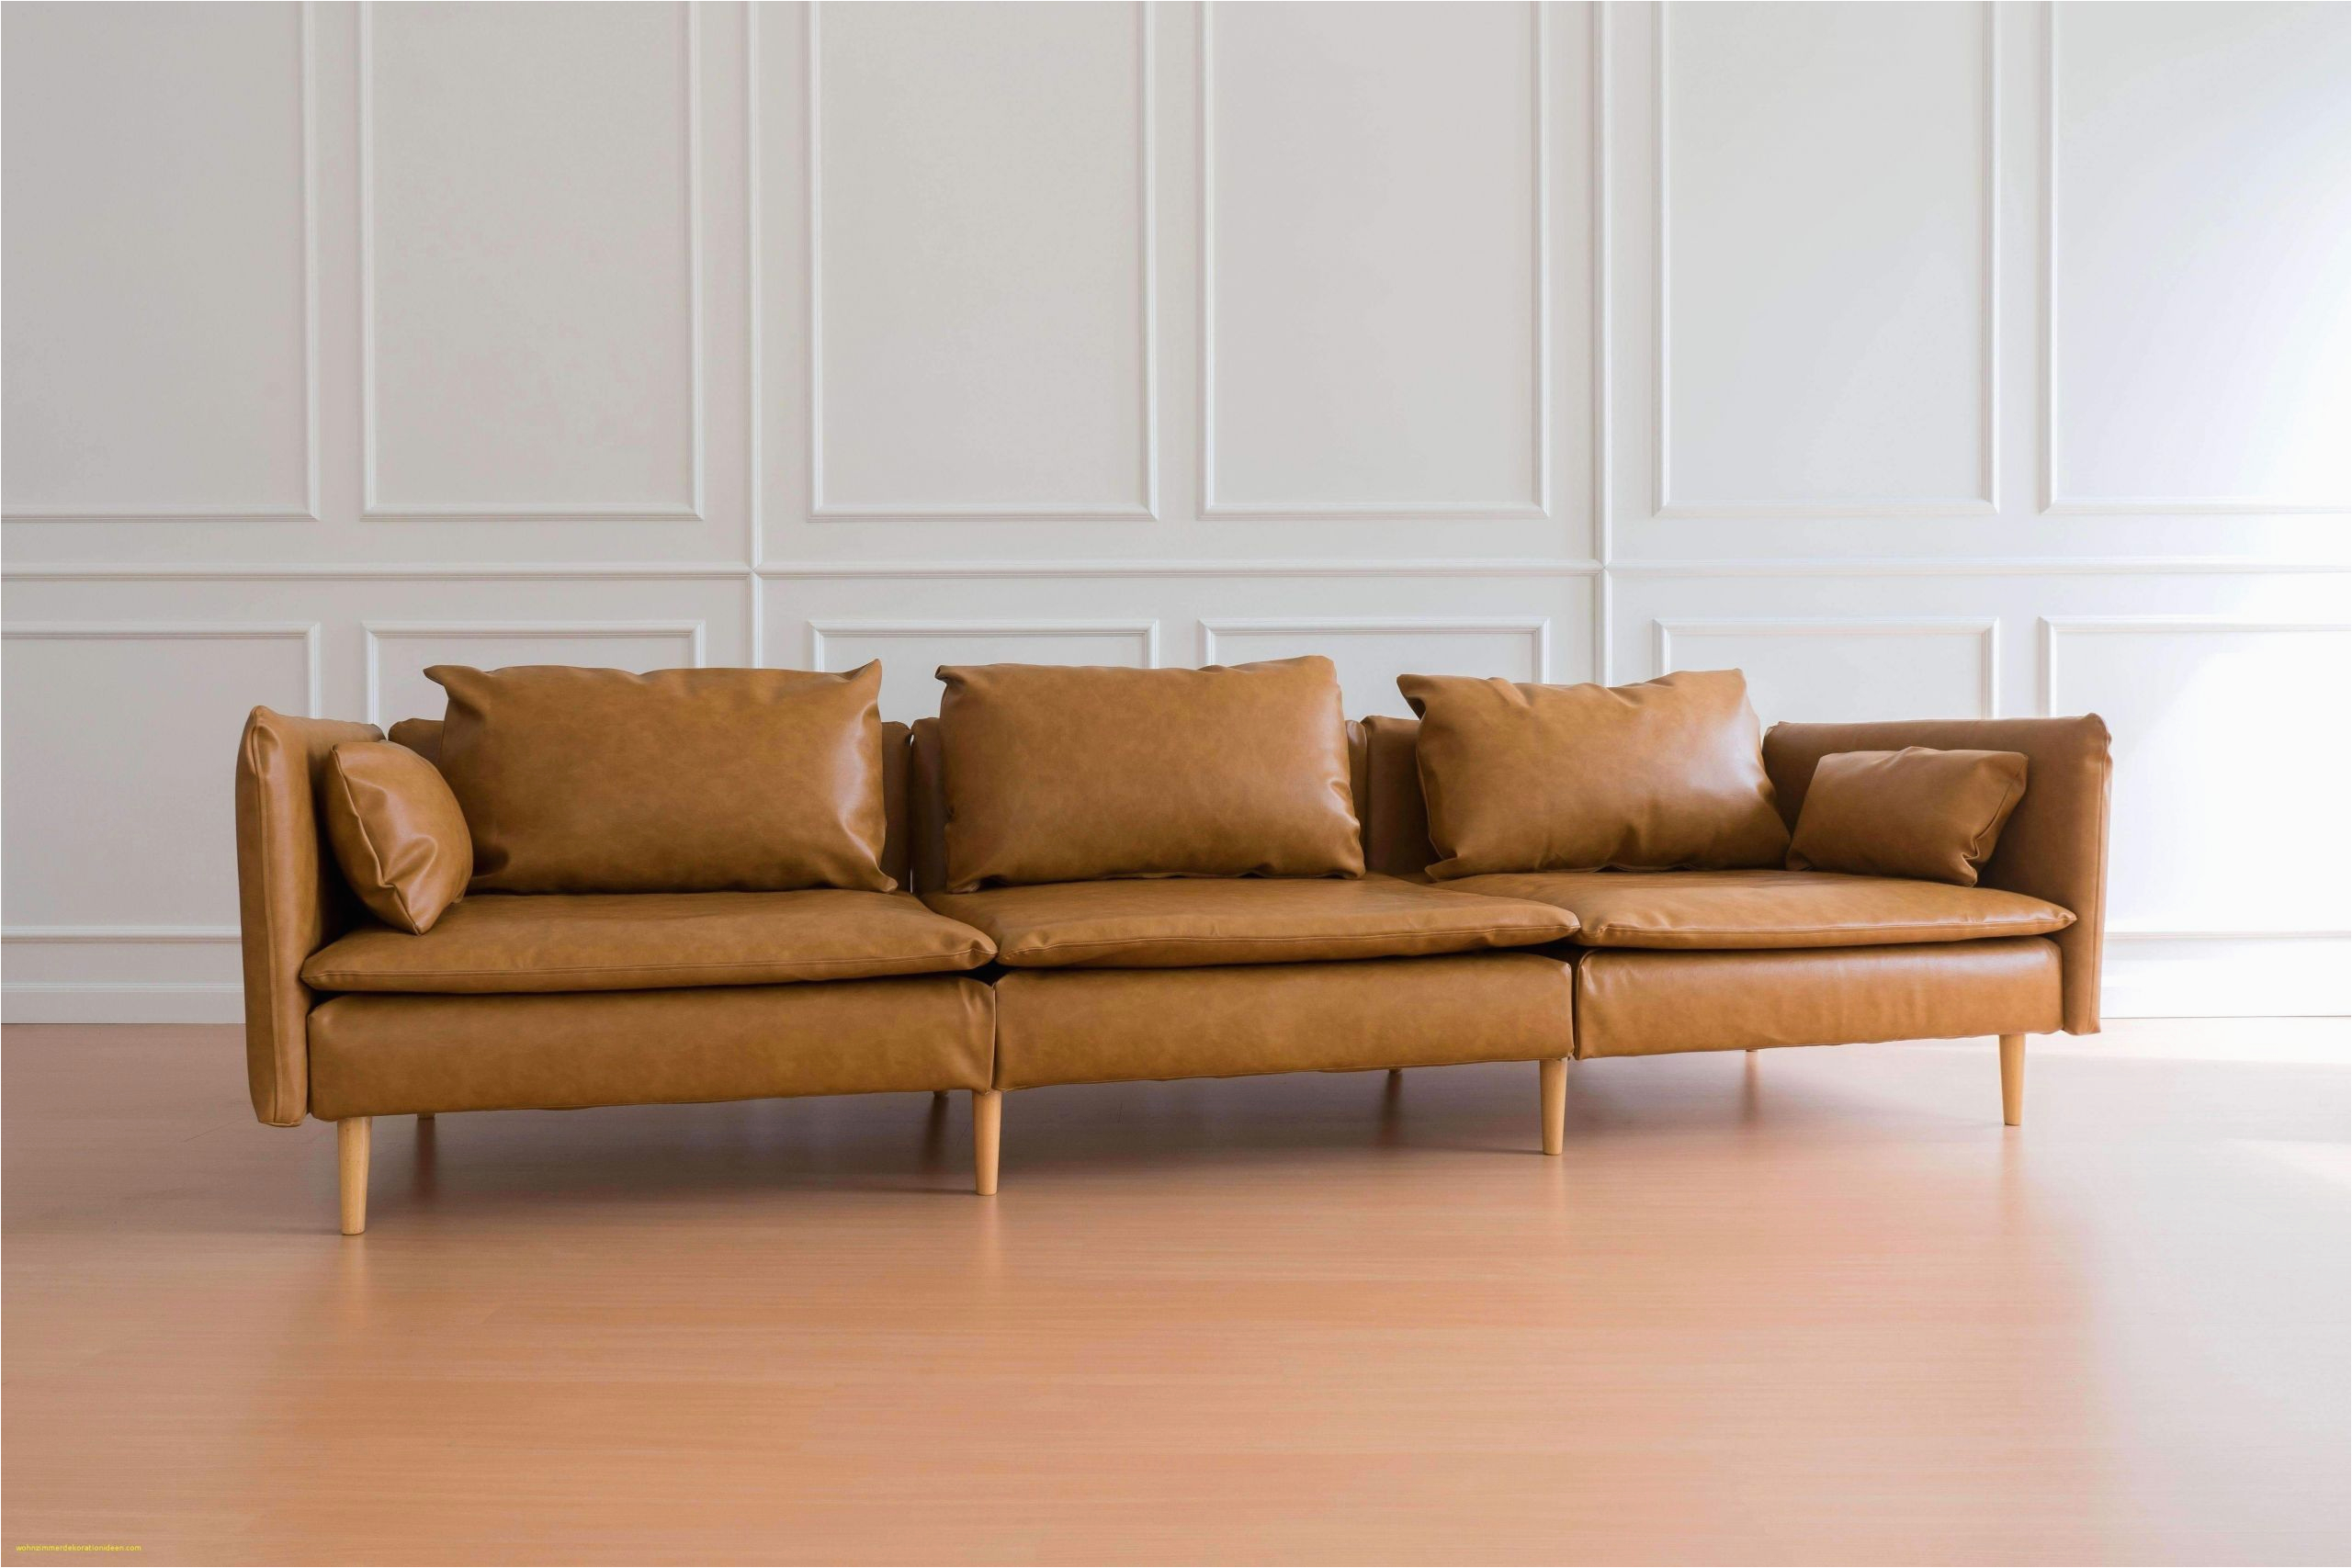 bild wohnzimmer elegant kleines sofa ikea inspirierend kleines ecksofa ikea bild of bild wohnzimmer scaled